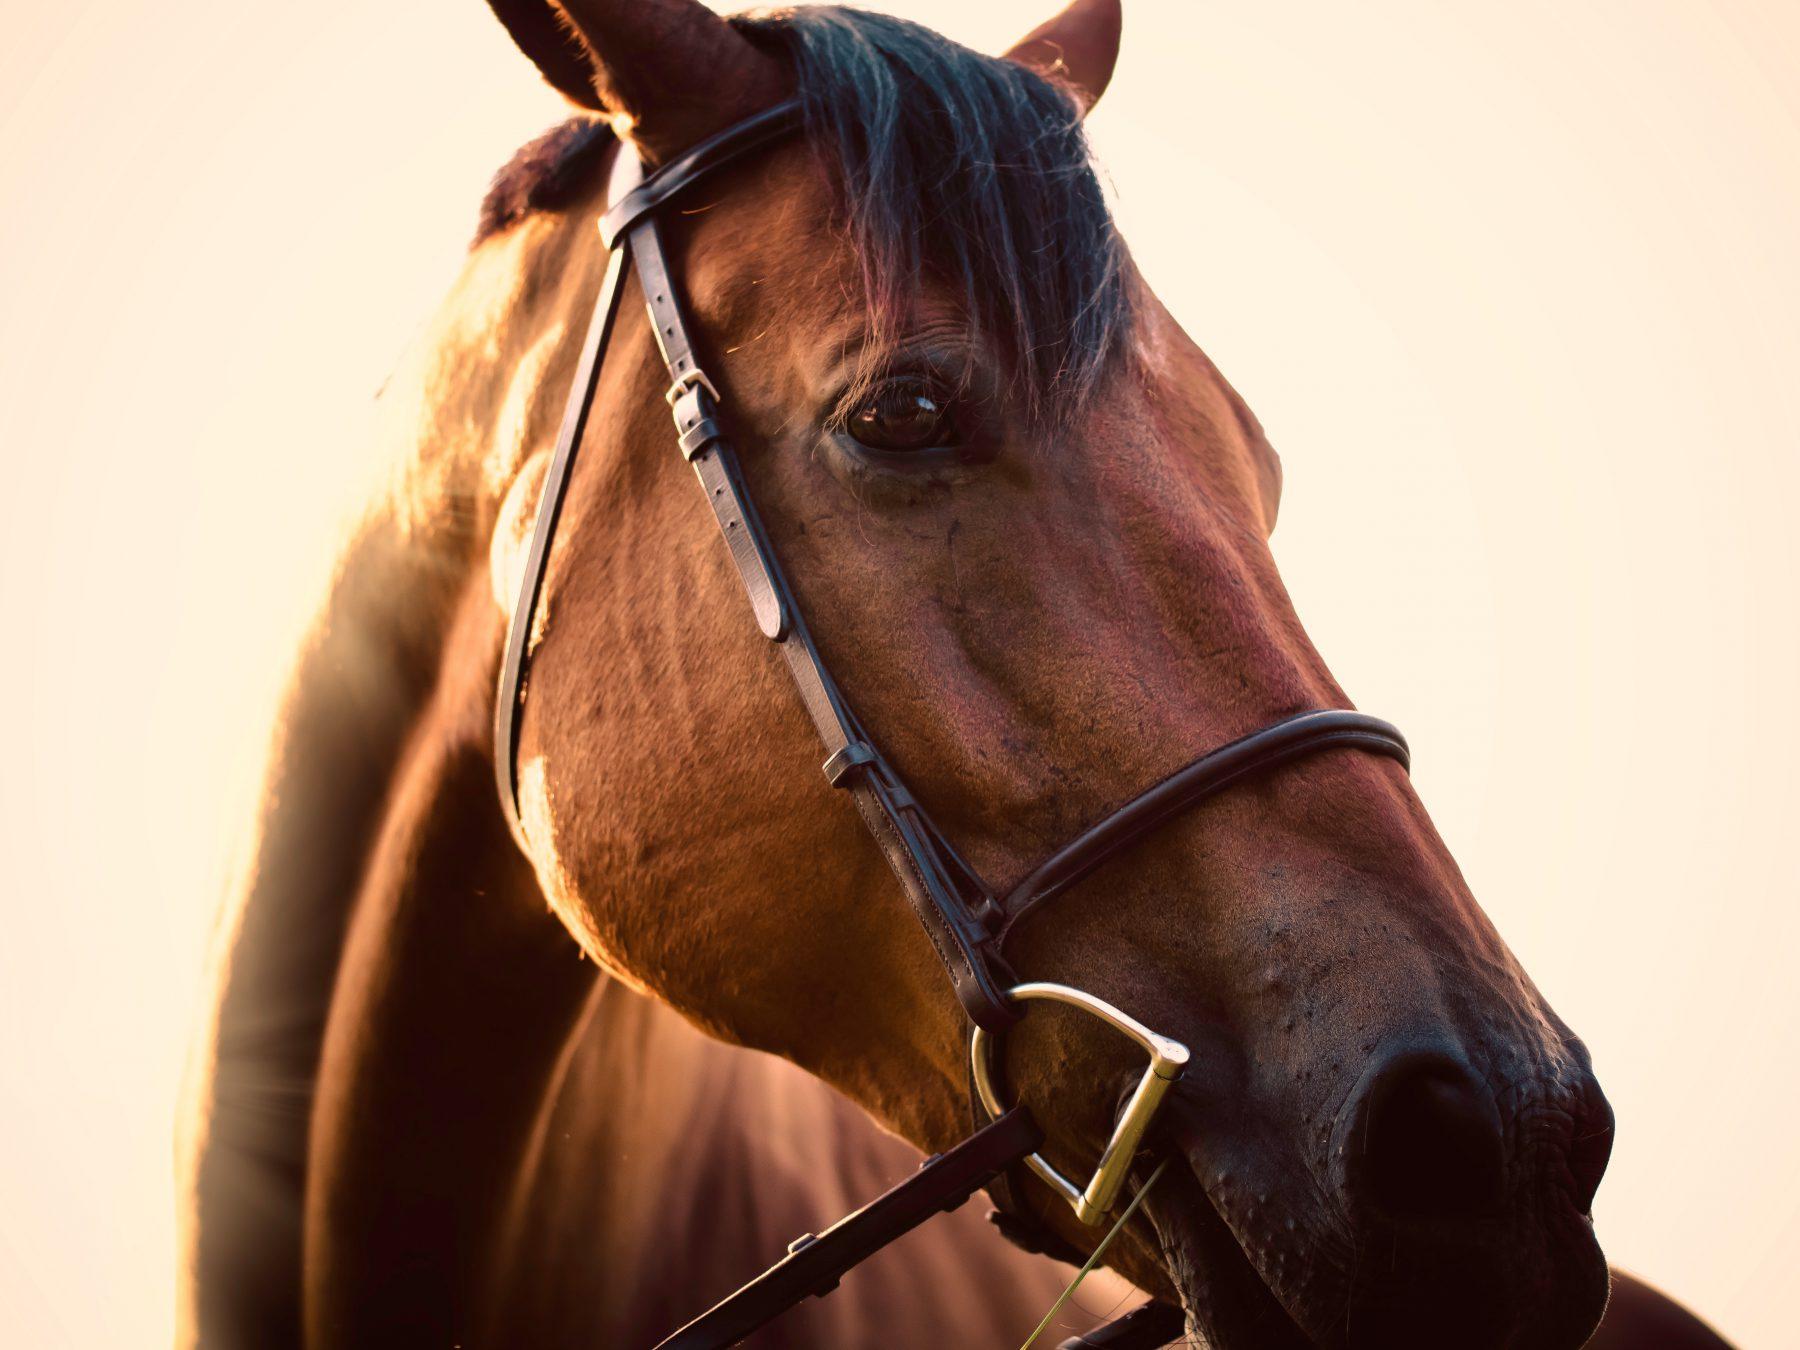 cara de caballo en dia soleado